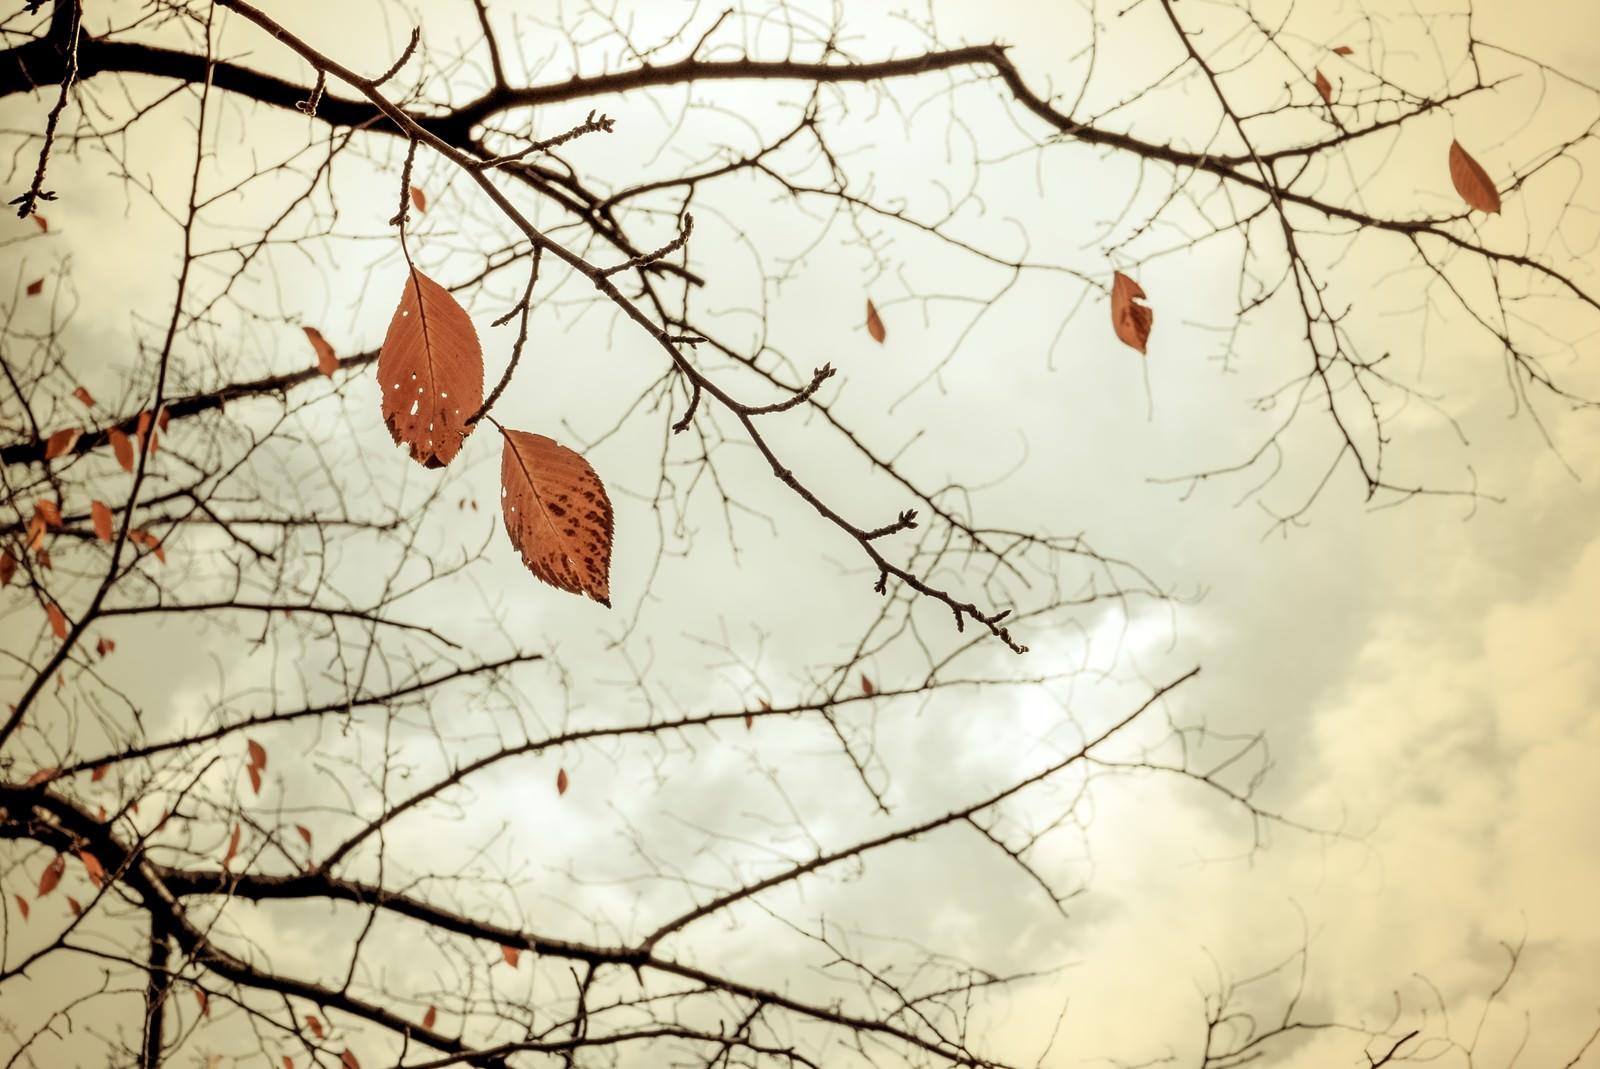 「冬を迎える | 写真の無料素材・フリー素材 - ぱくたそ」の写真